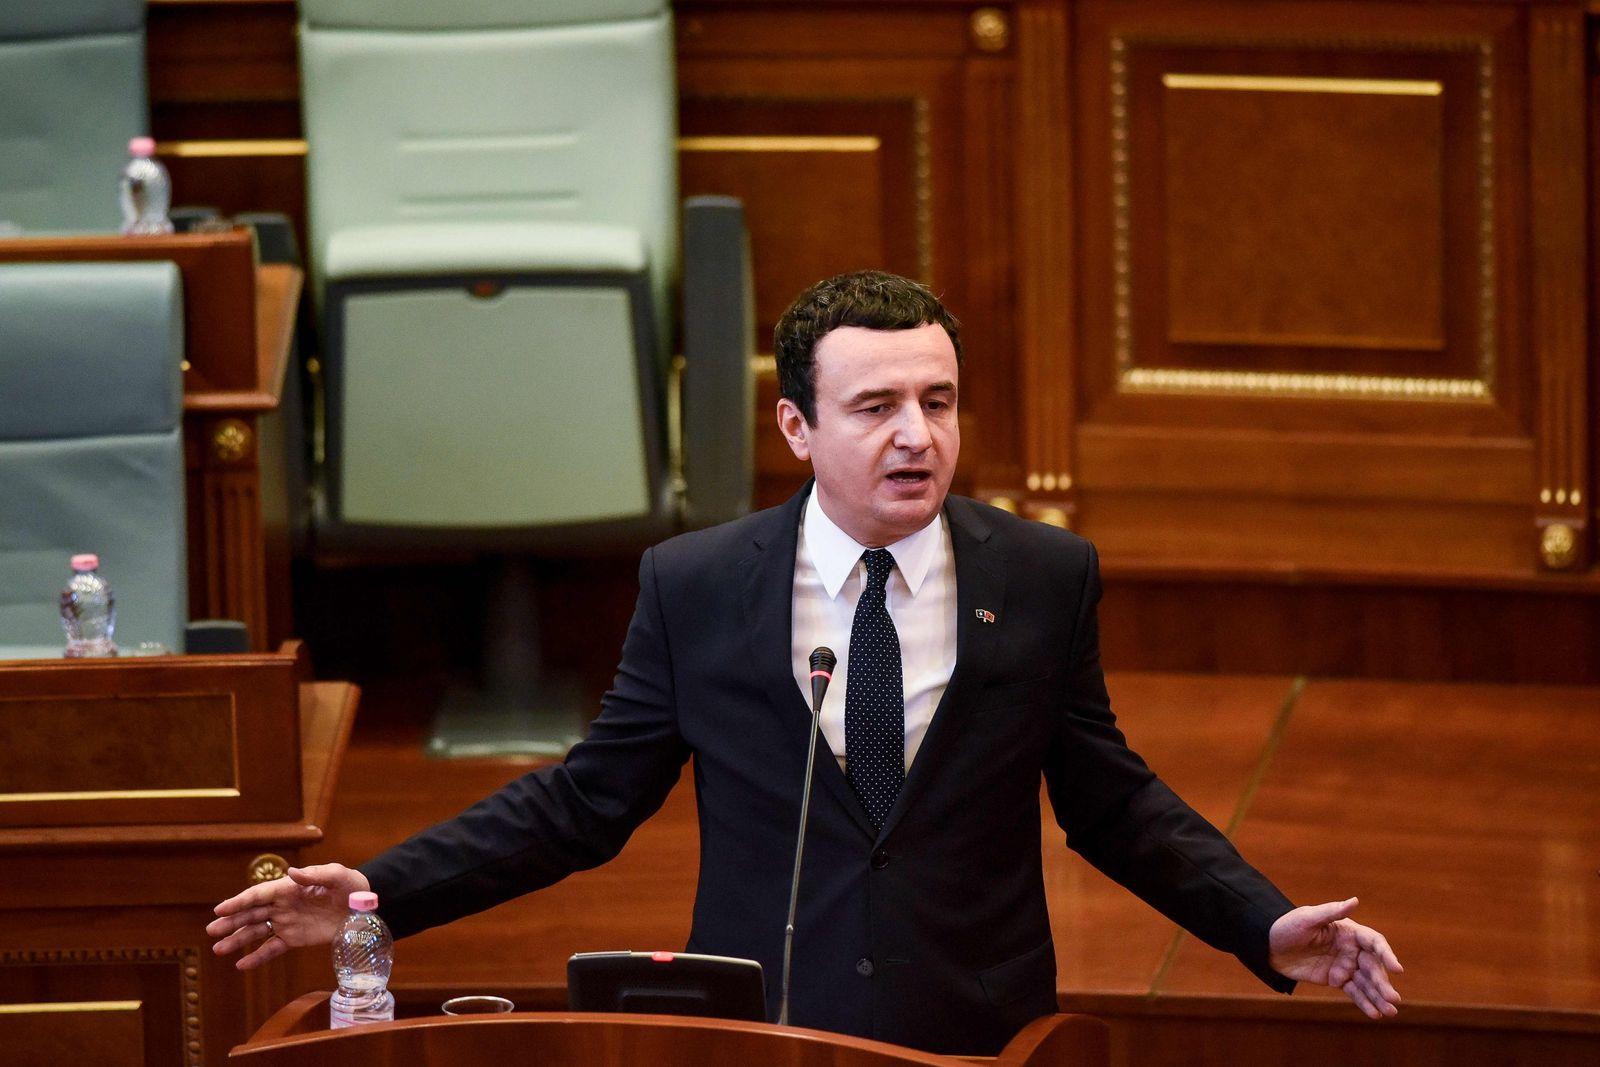 FILES-KOSOVO-POLITICS-GOVERNMENT-VOTE